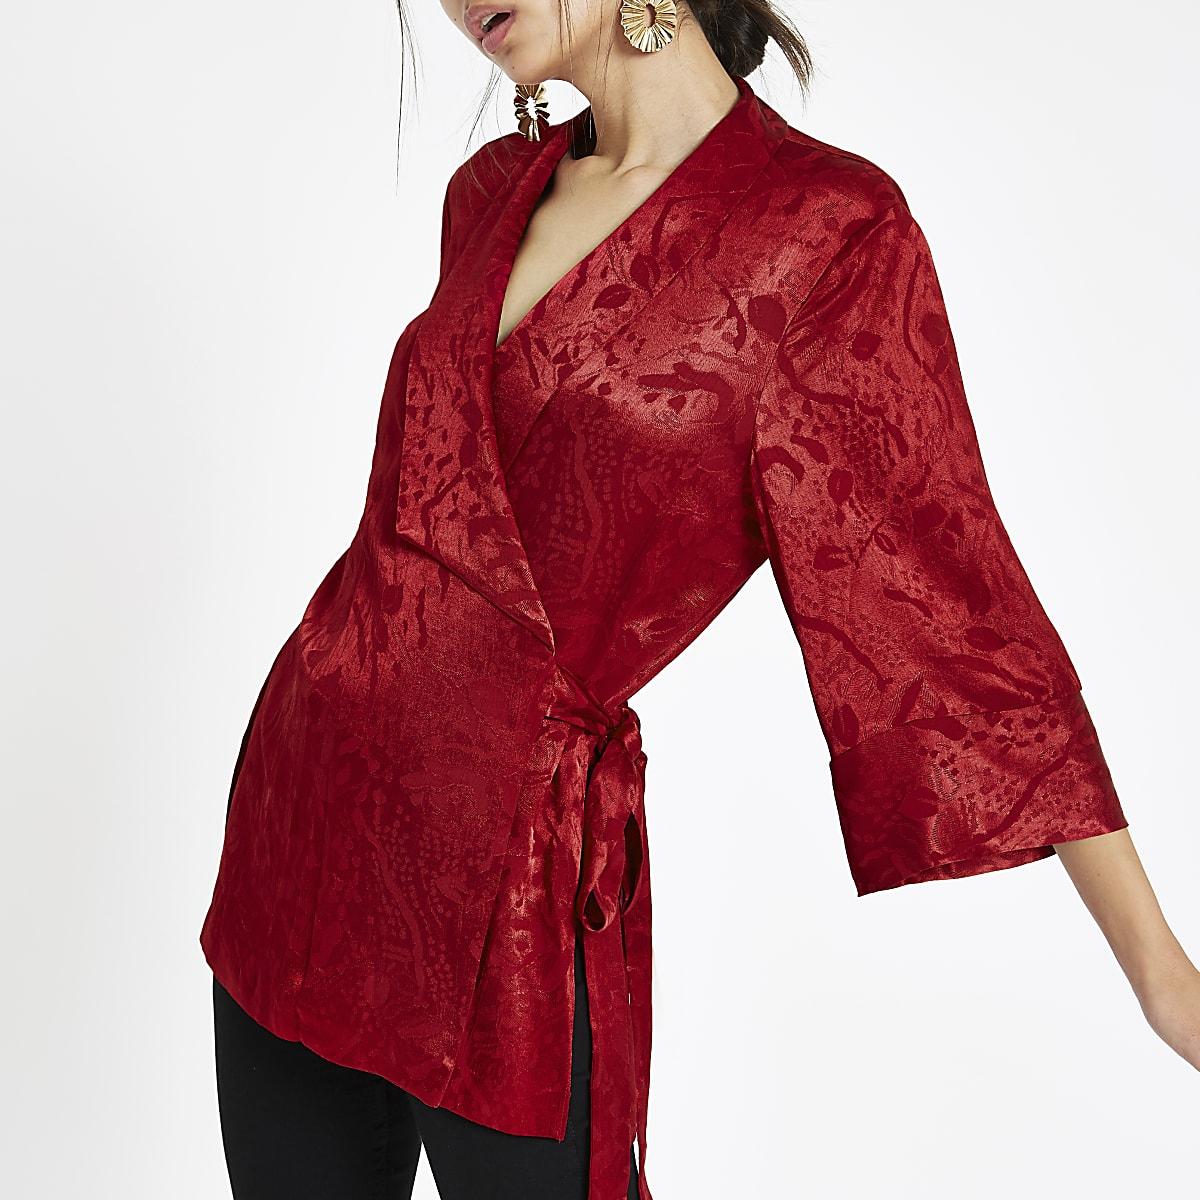 Red jacquard tie wrap front kimono